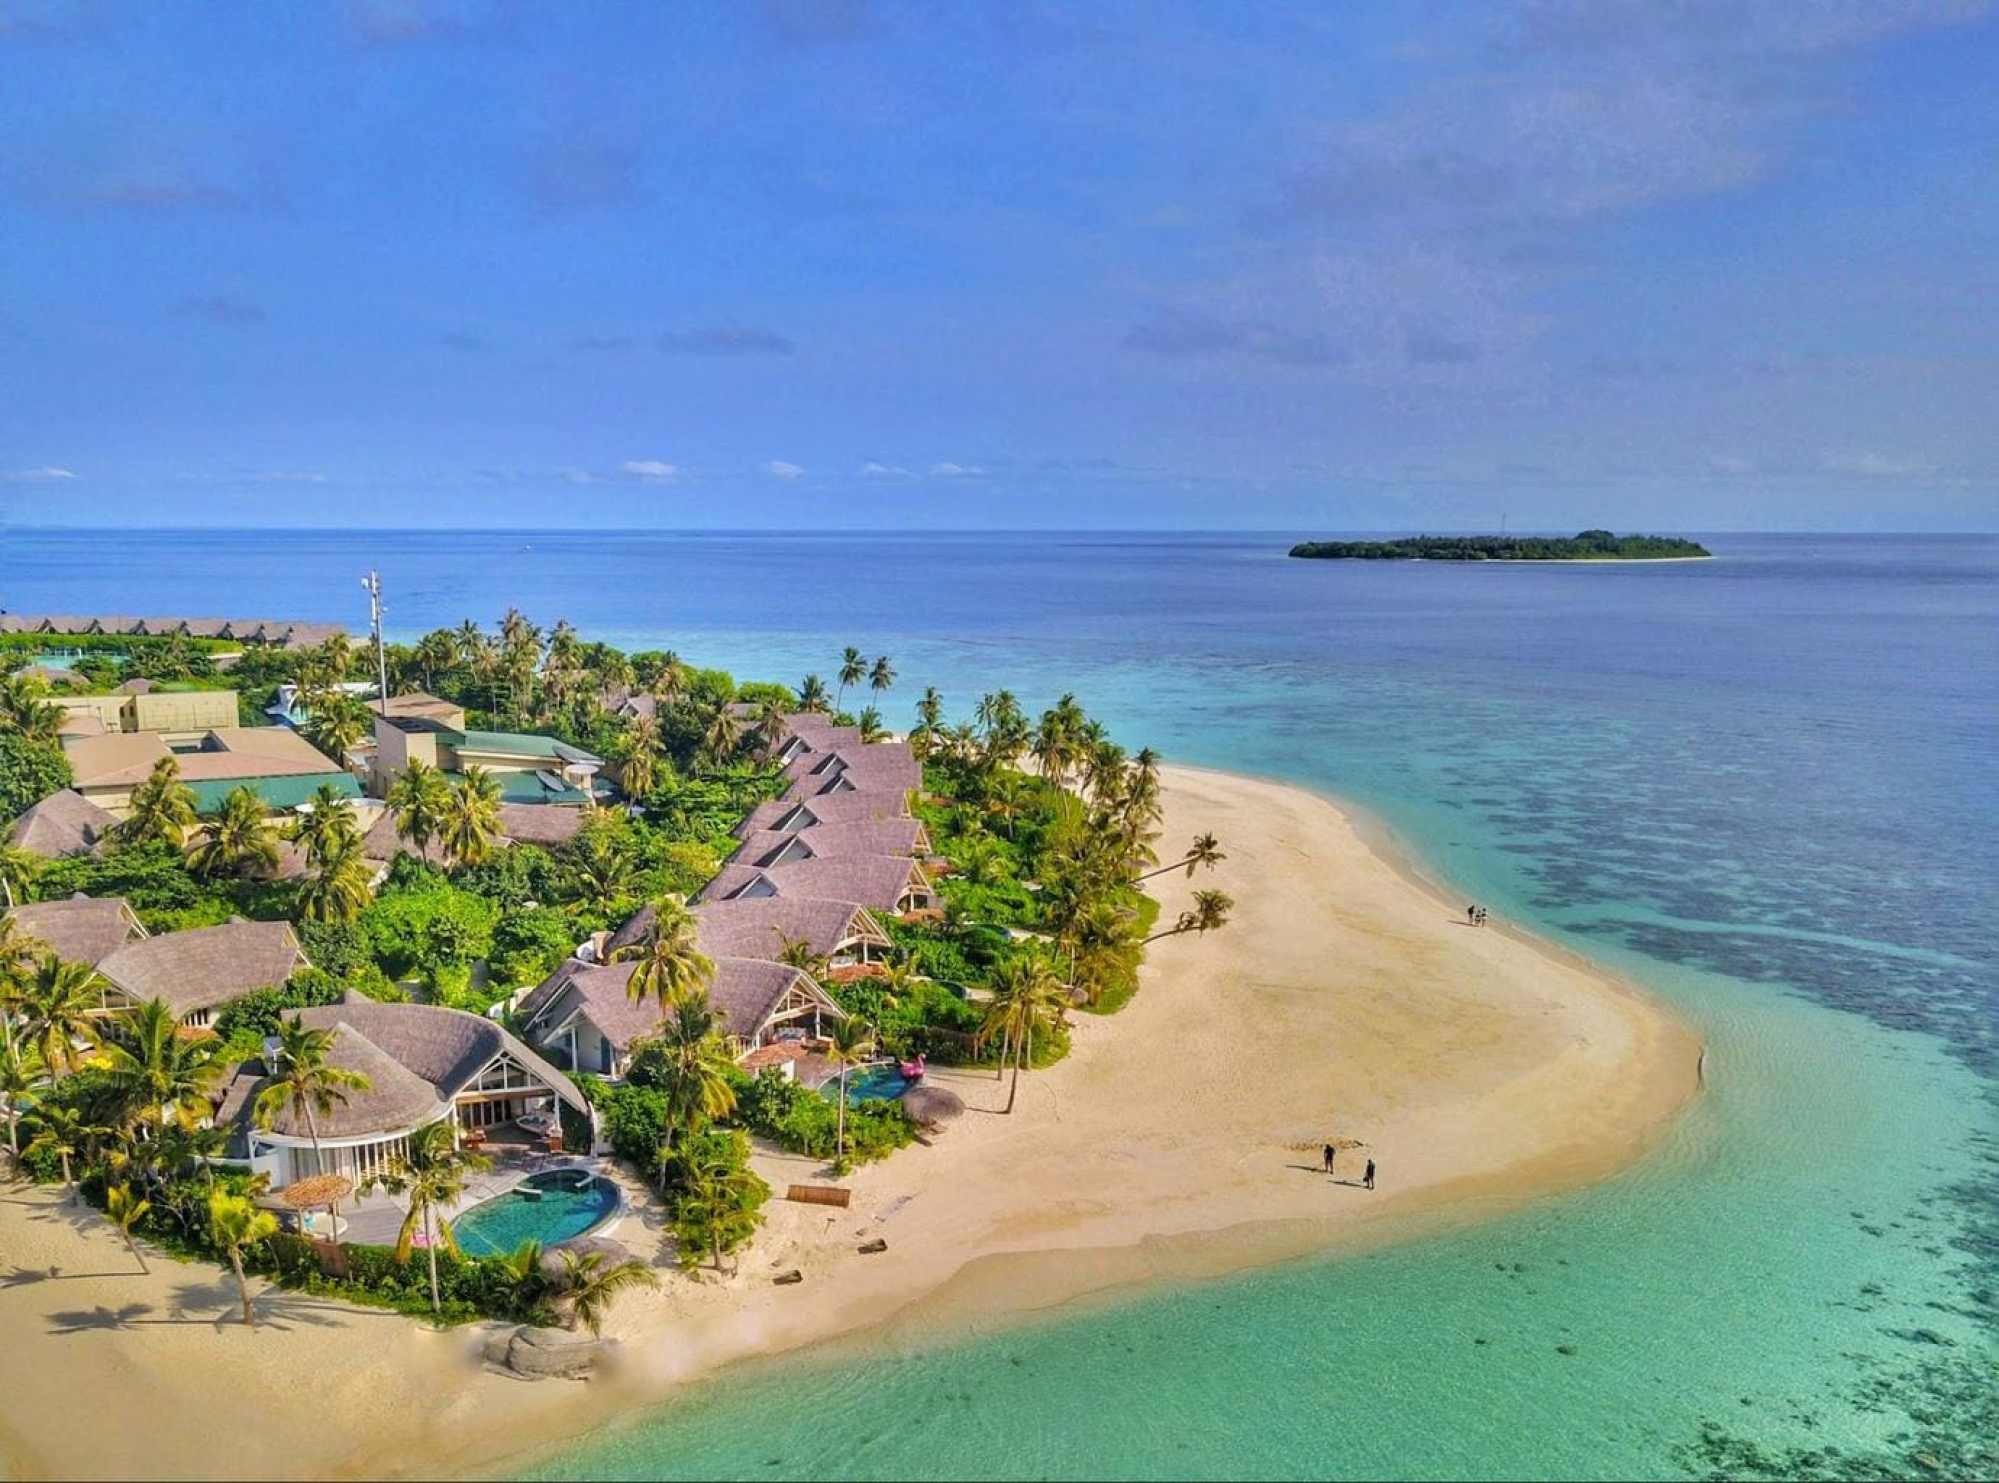 The beach villas at Milaidhoo